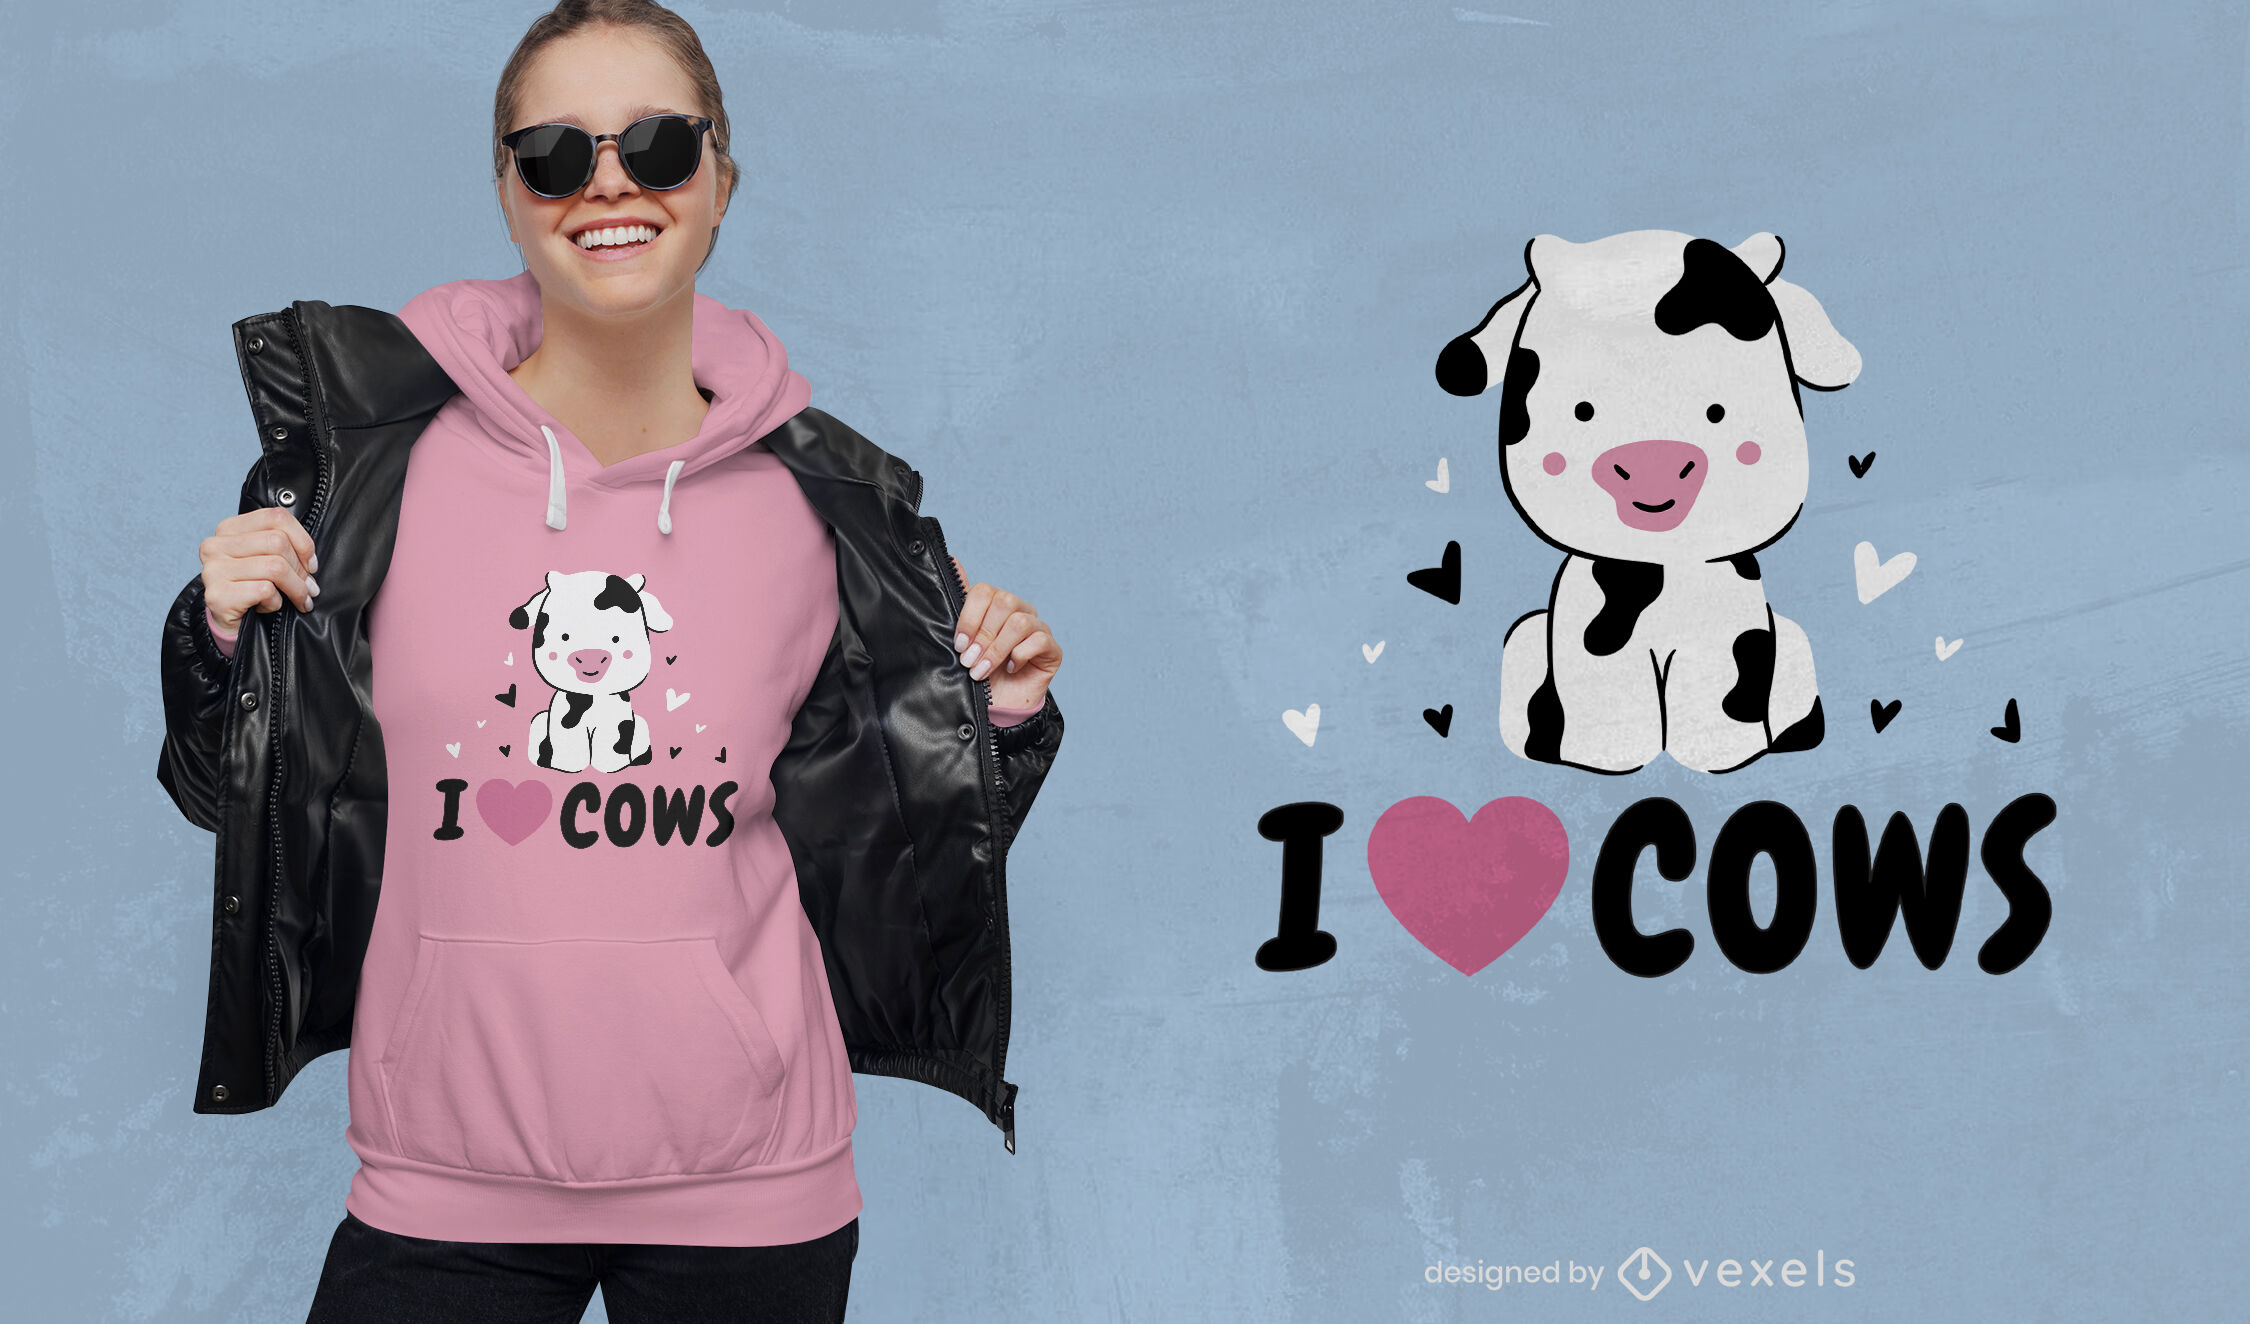 Diseño lindo de la camiseta de las vacas de I love